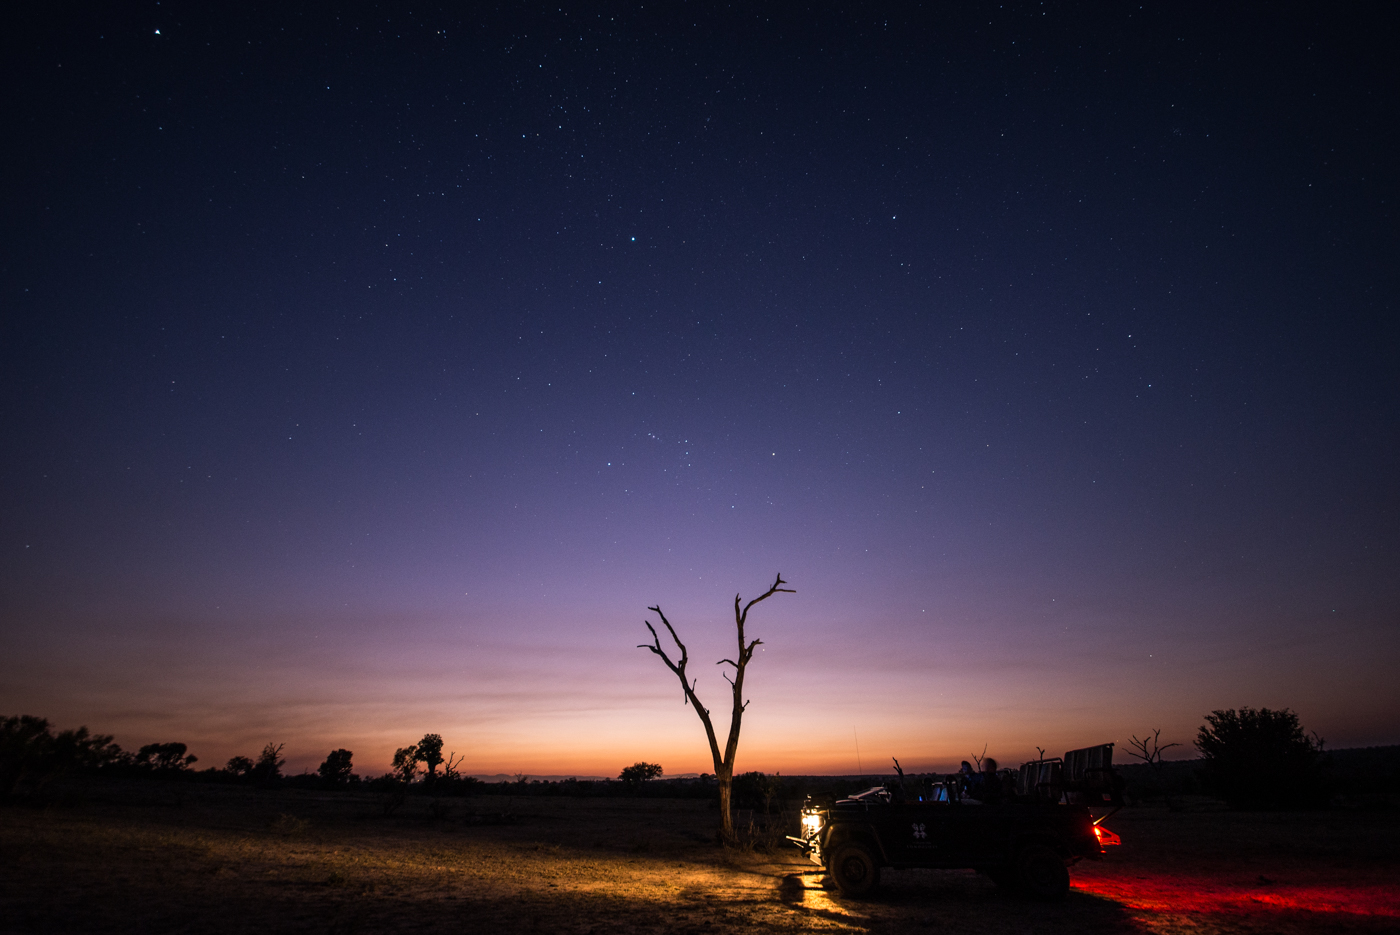 dusk vehicle